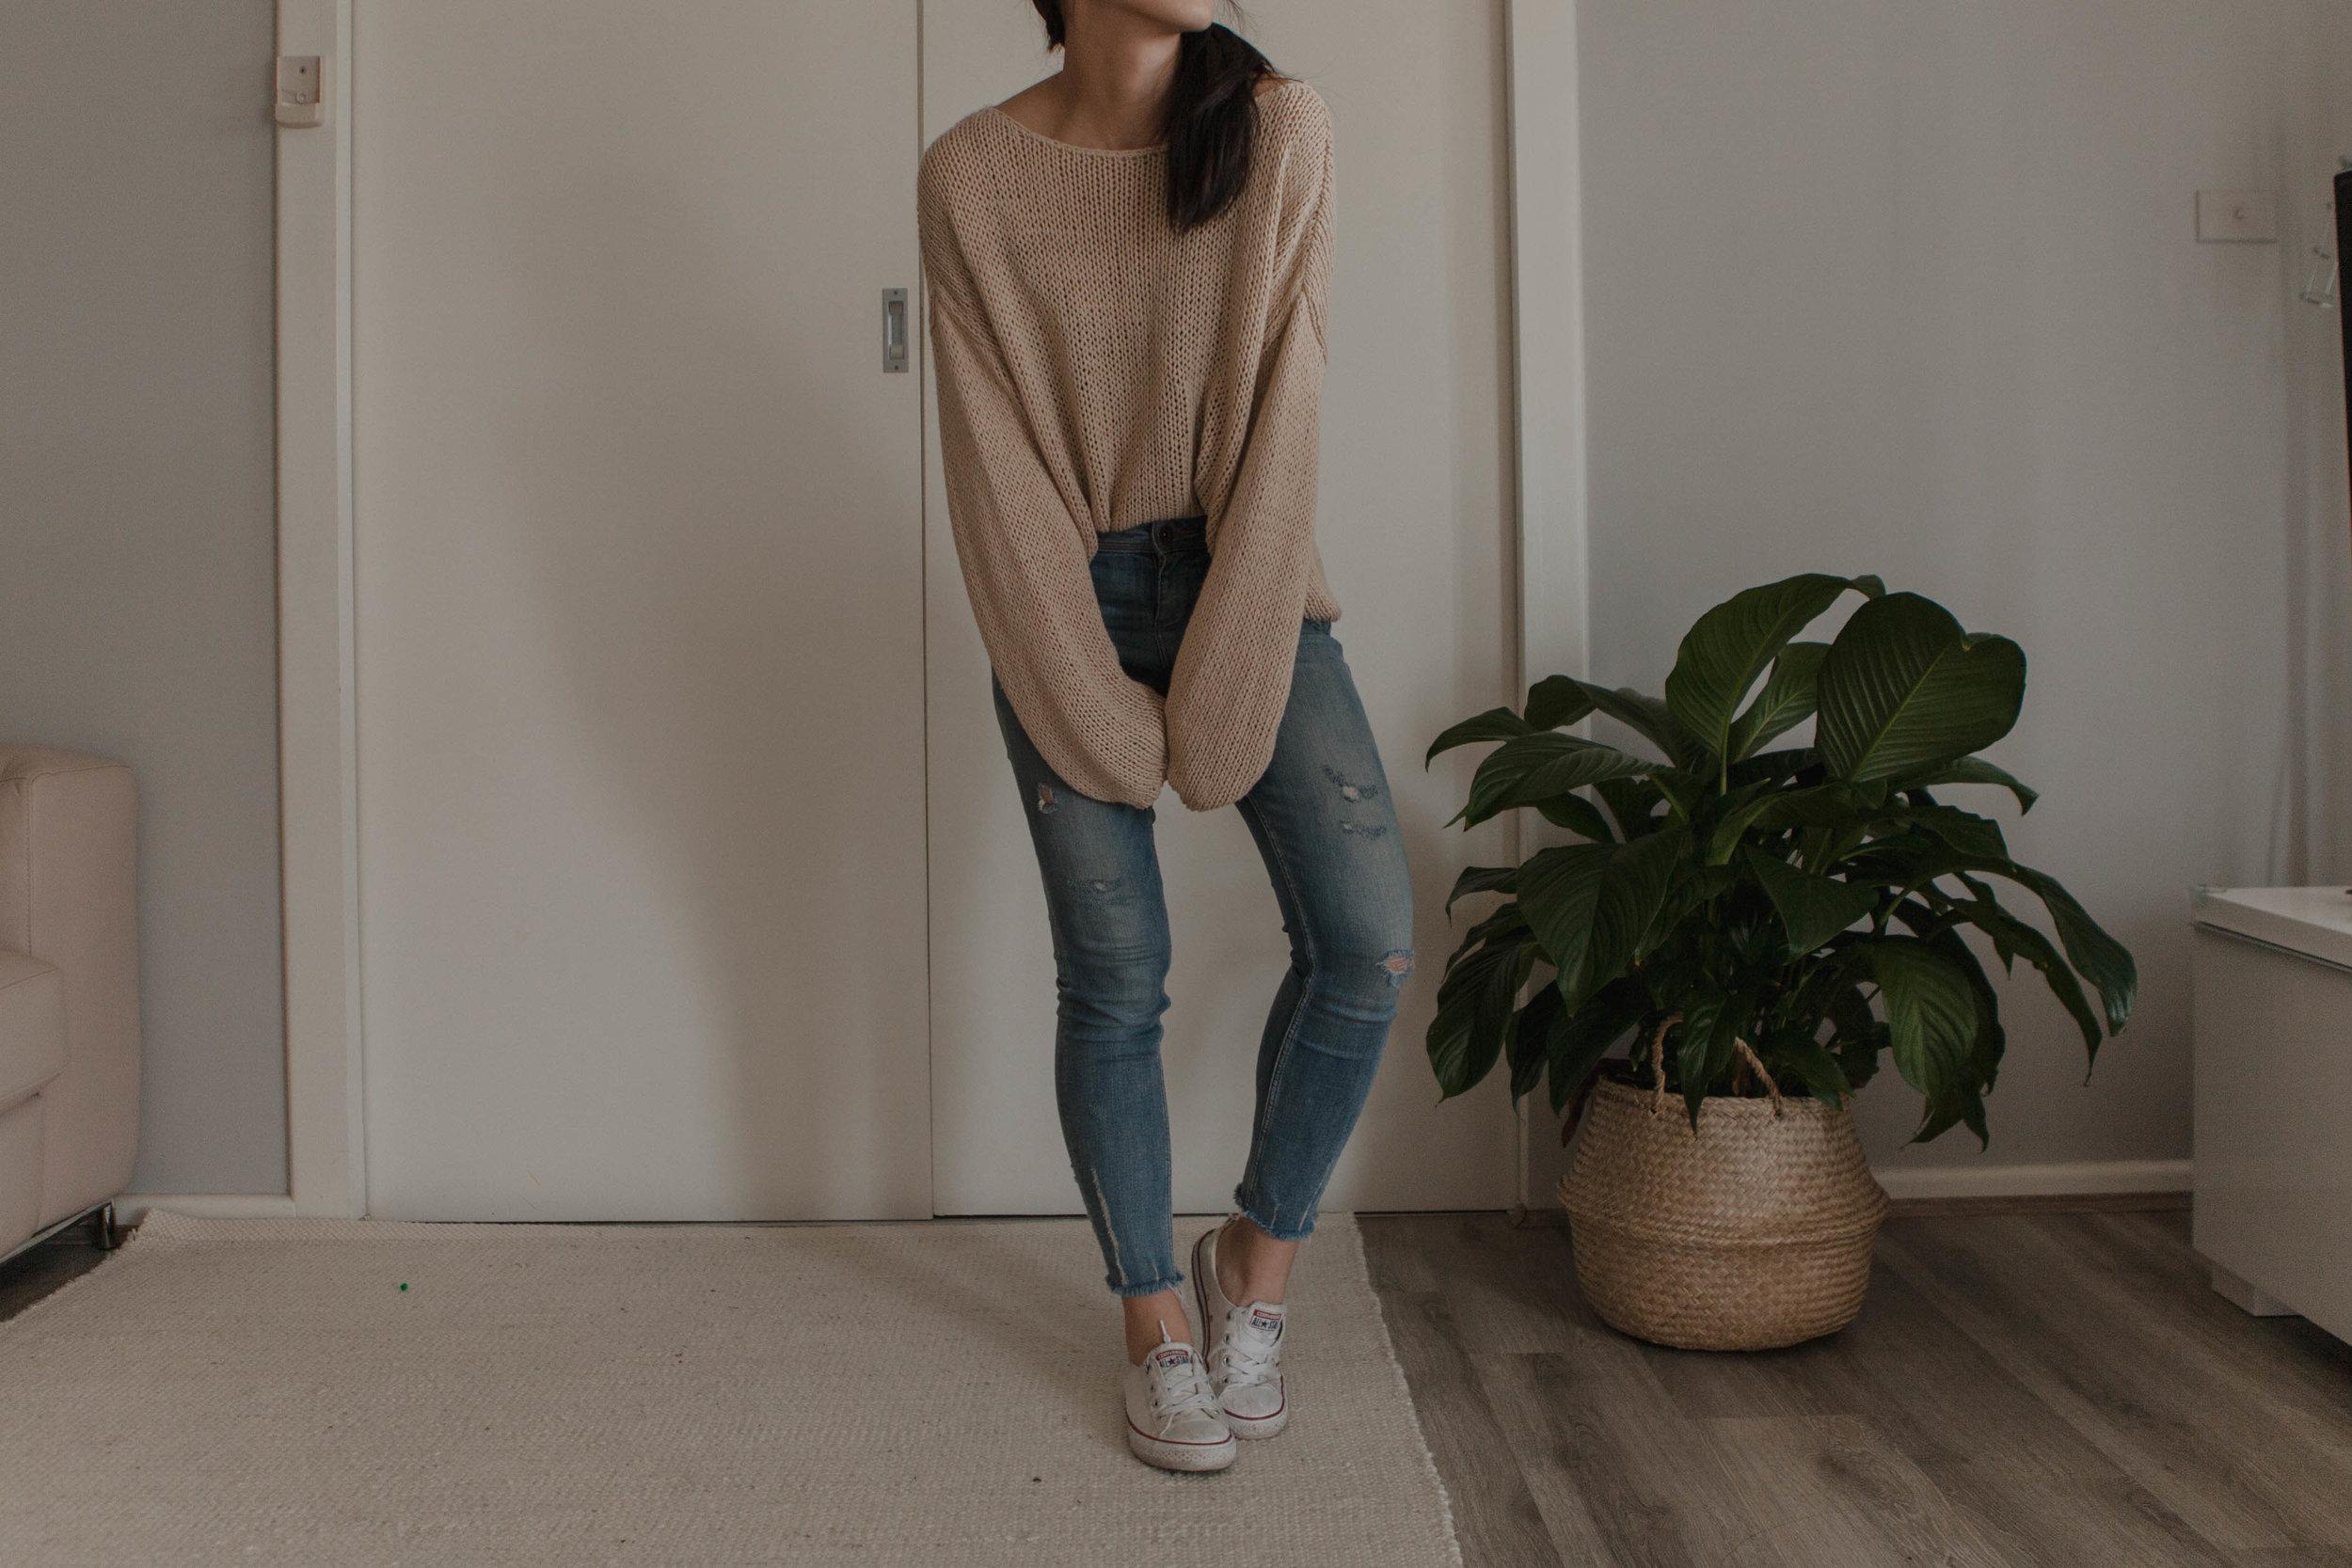 5. - oversized knit